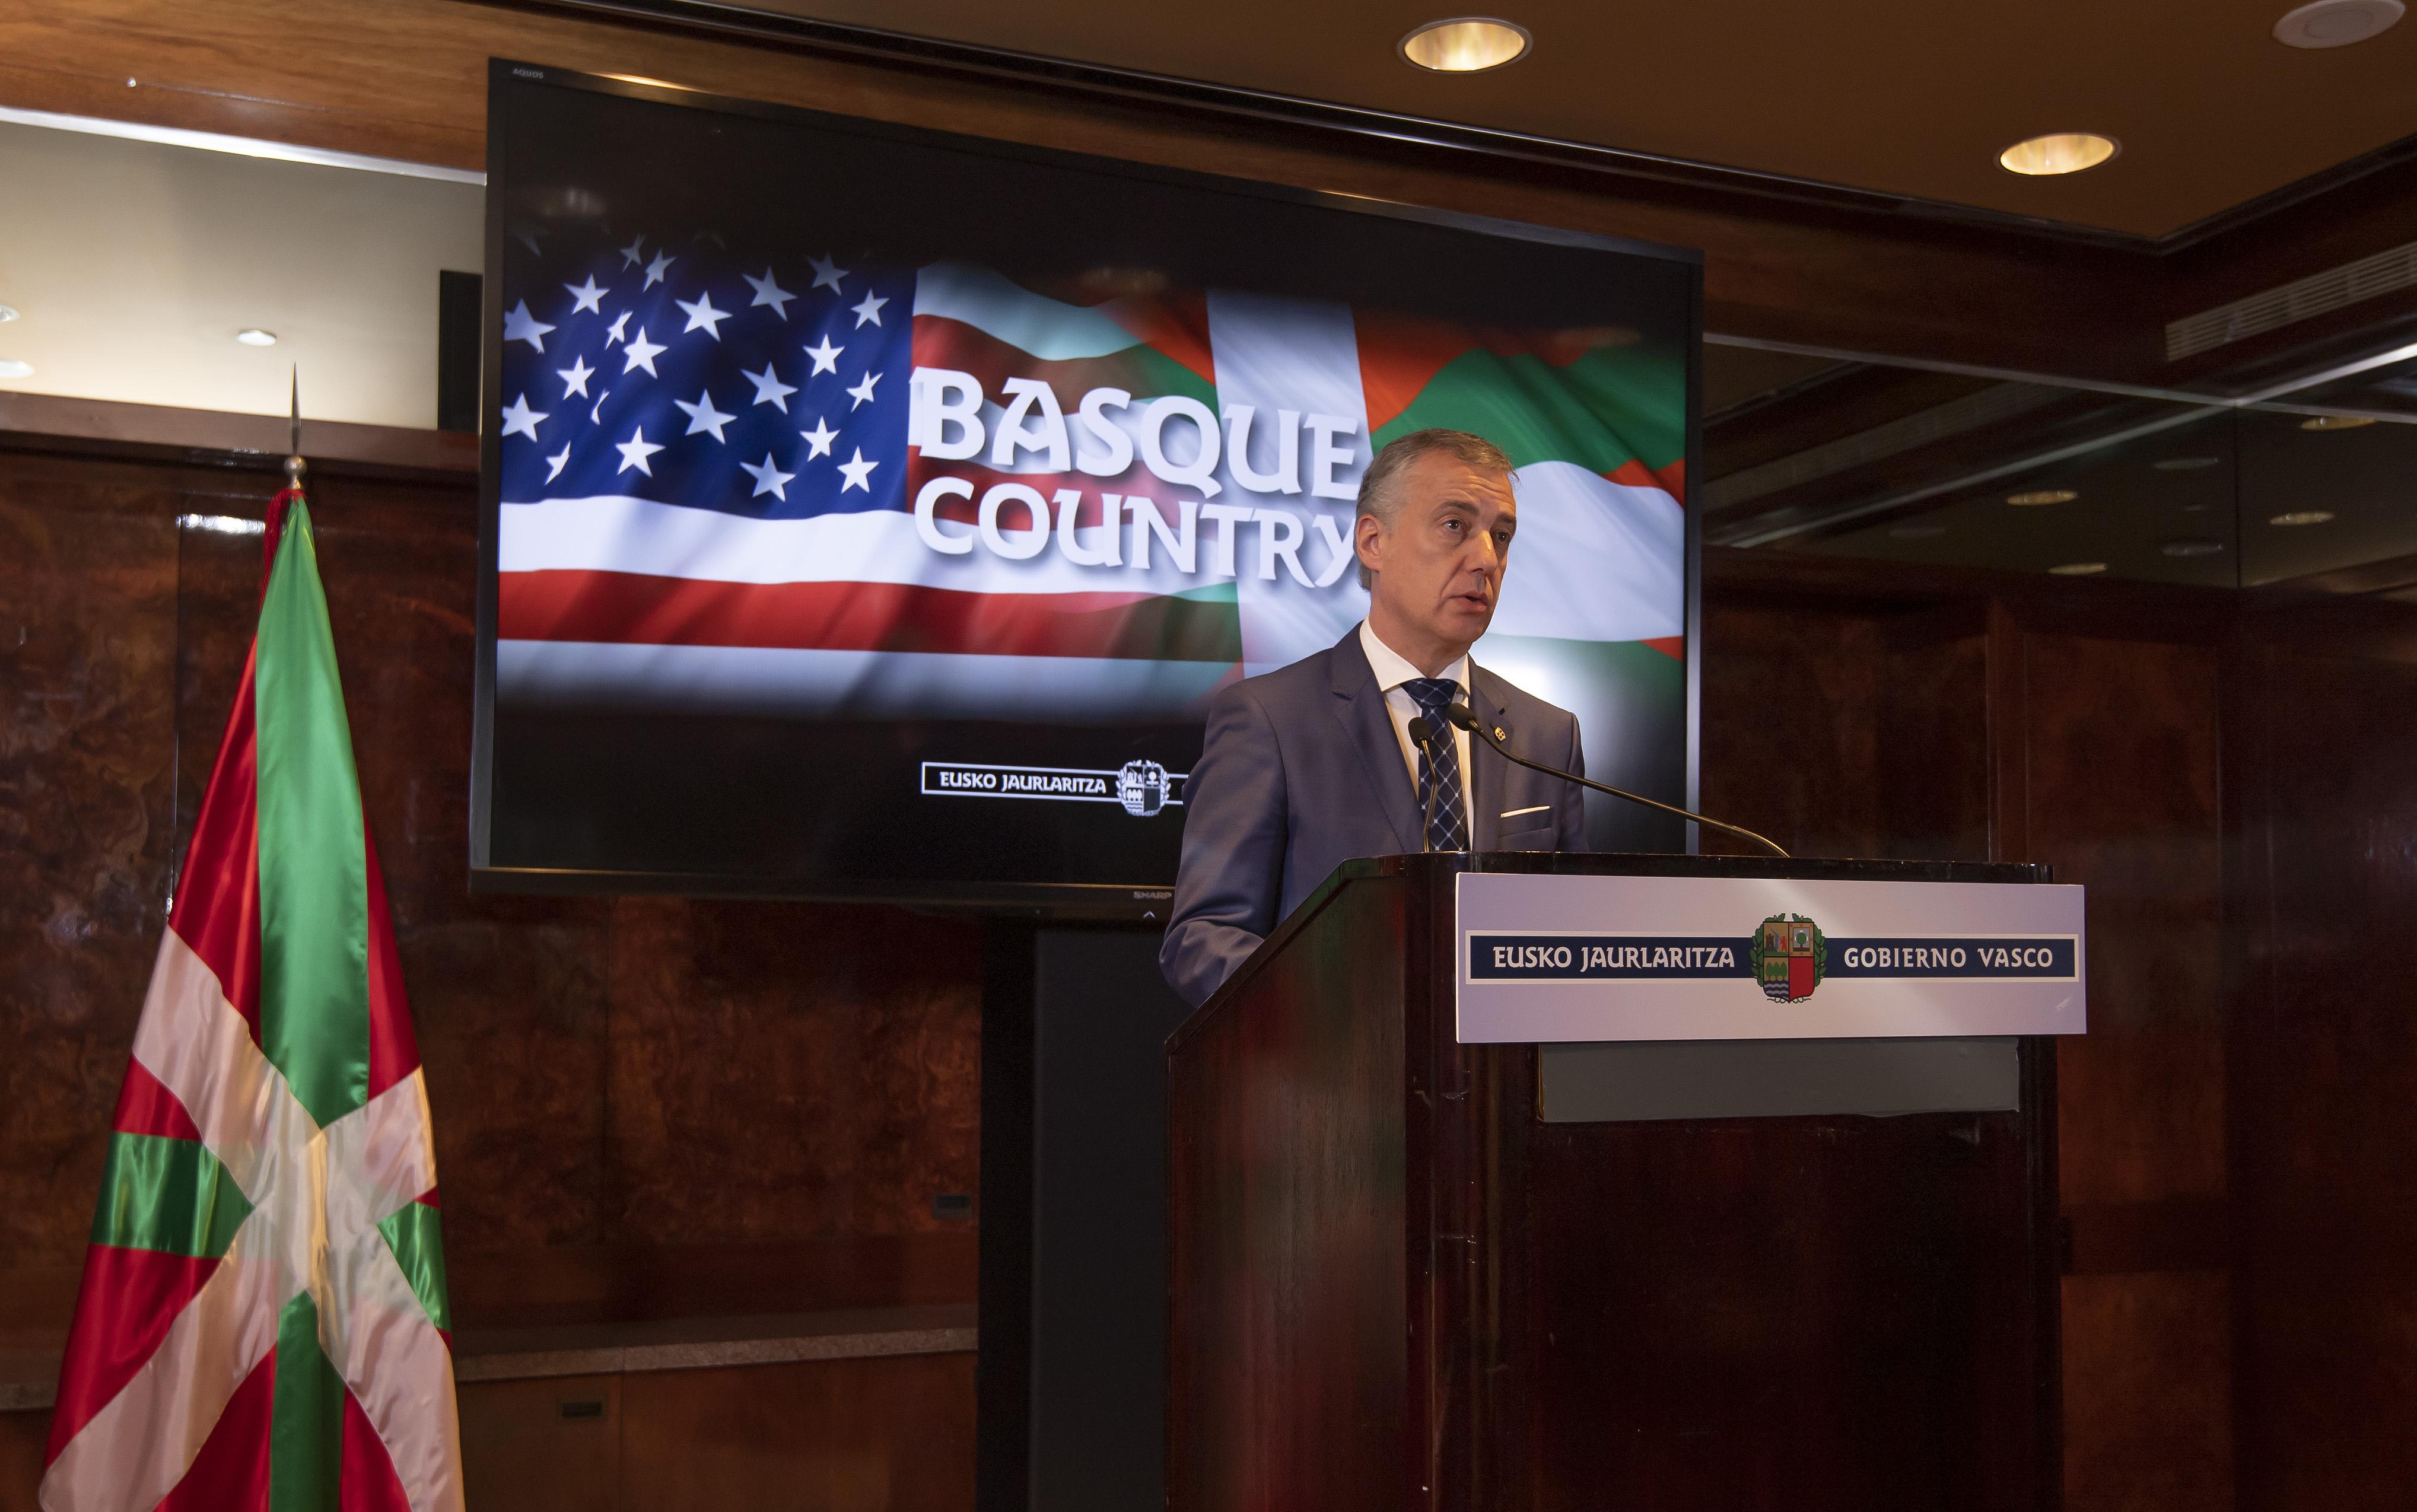 Lehendakariak eskerrak eman dizkio New Yorkeko euskal komunitateari, Euskadi Basque Countryren nazioartekotze-erronkarekin duen konpromisoagatik